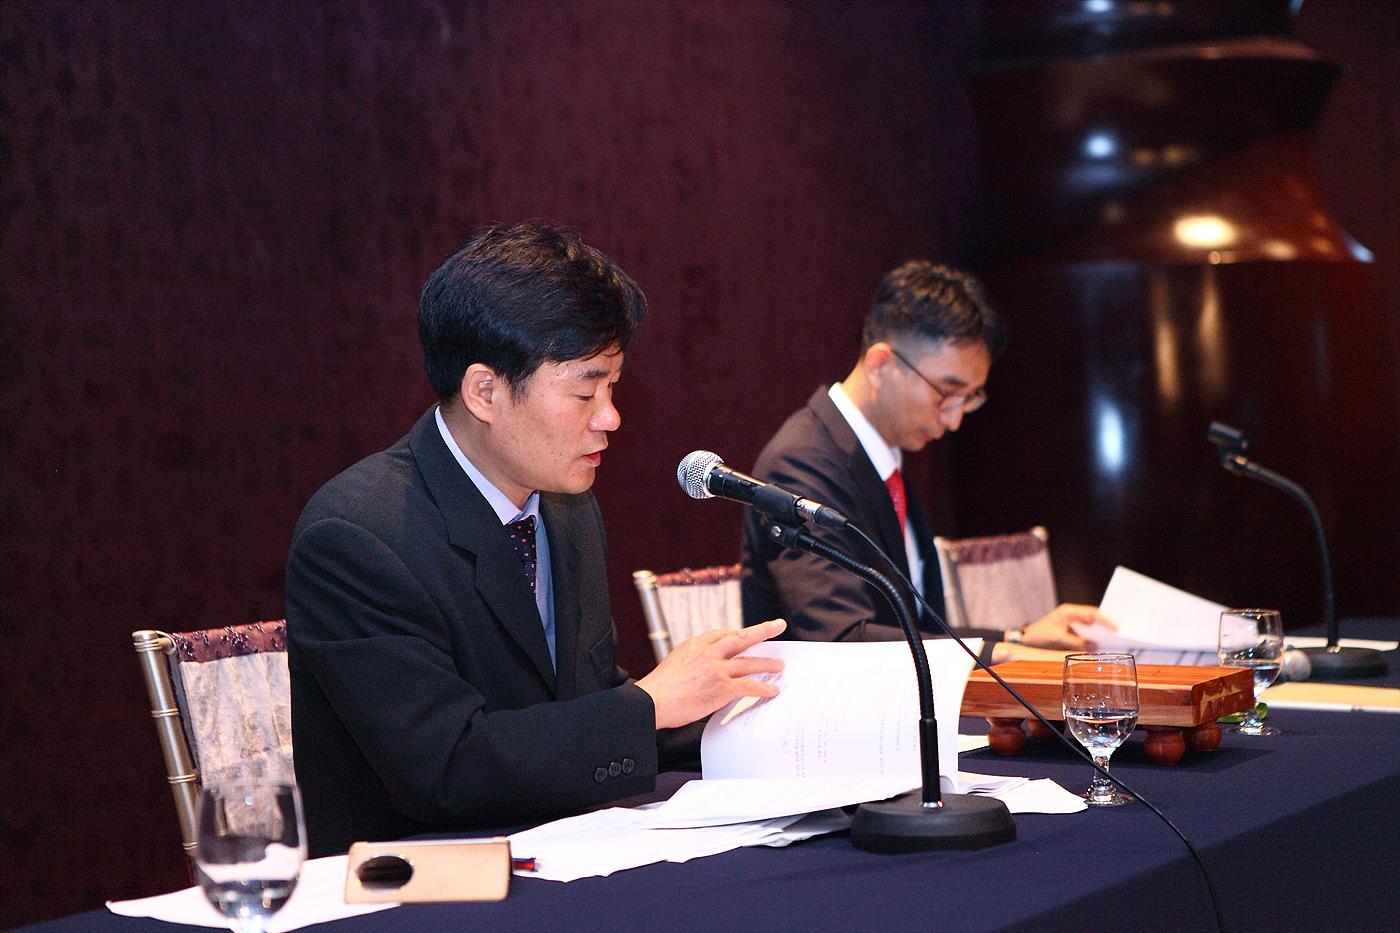 사업 목표를 발표 중인 박재석 25대 연합회 사무처장